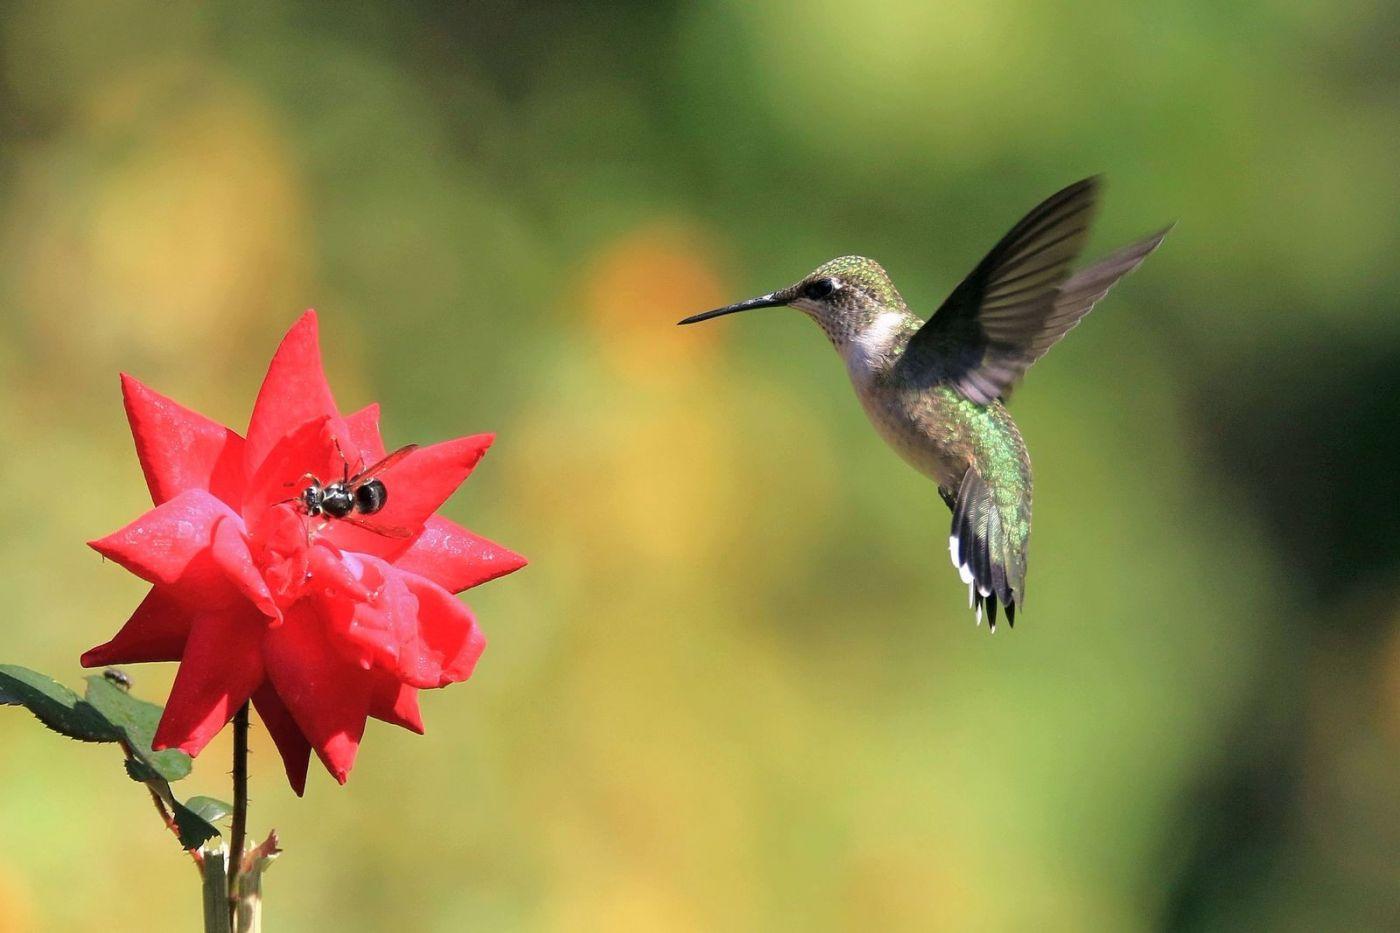 凯辛娜公园拍的蜂鸟_图1-14